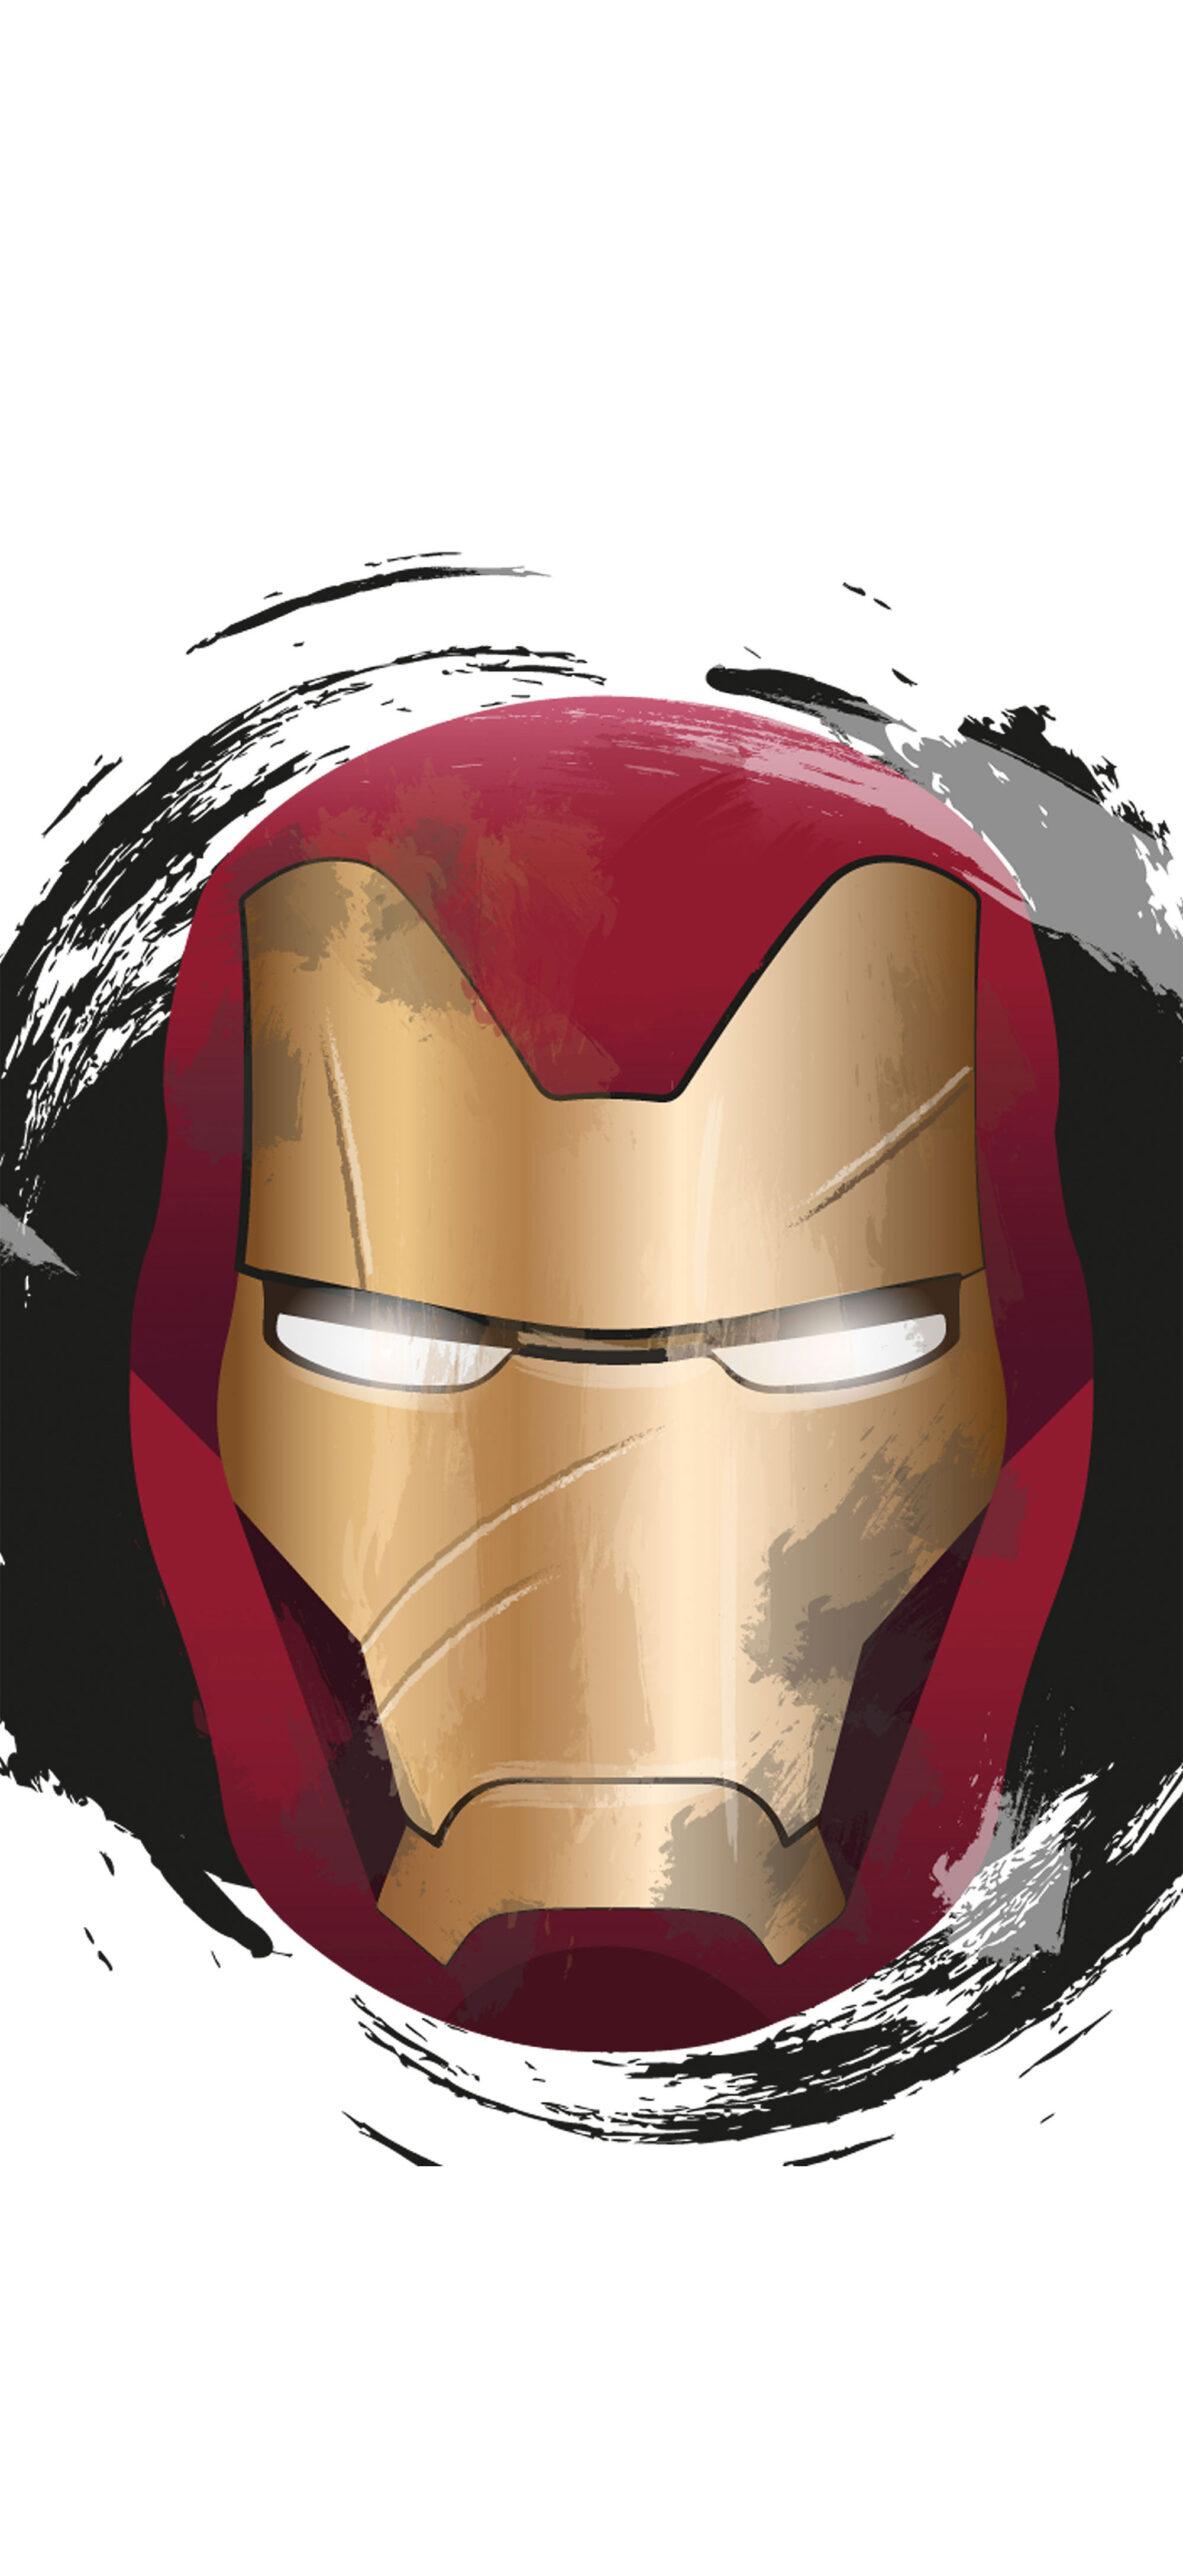 iron man helmet white wallpaper